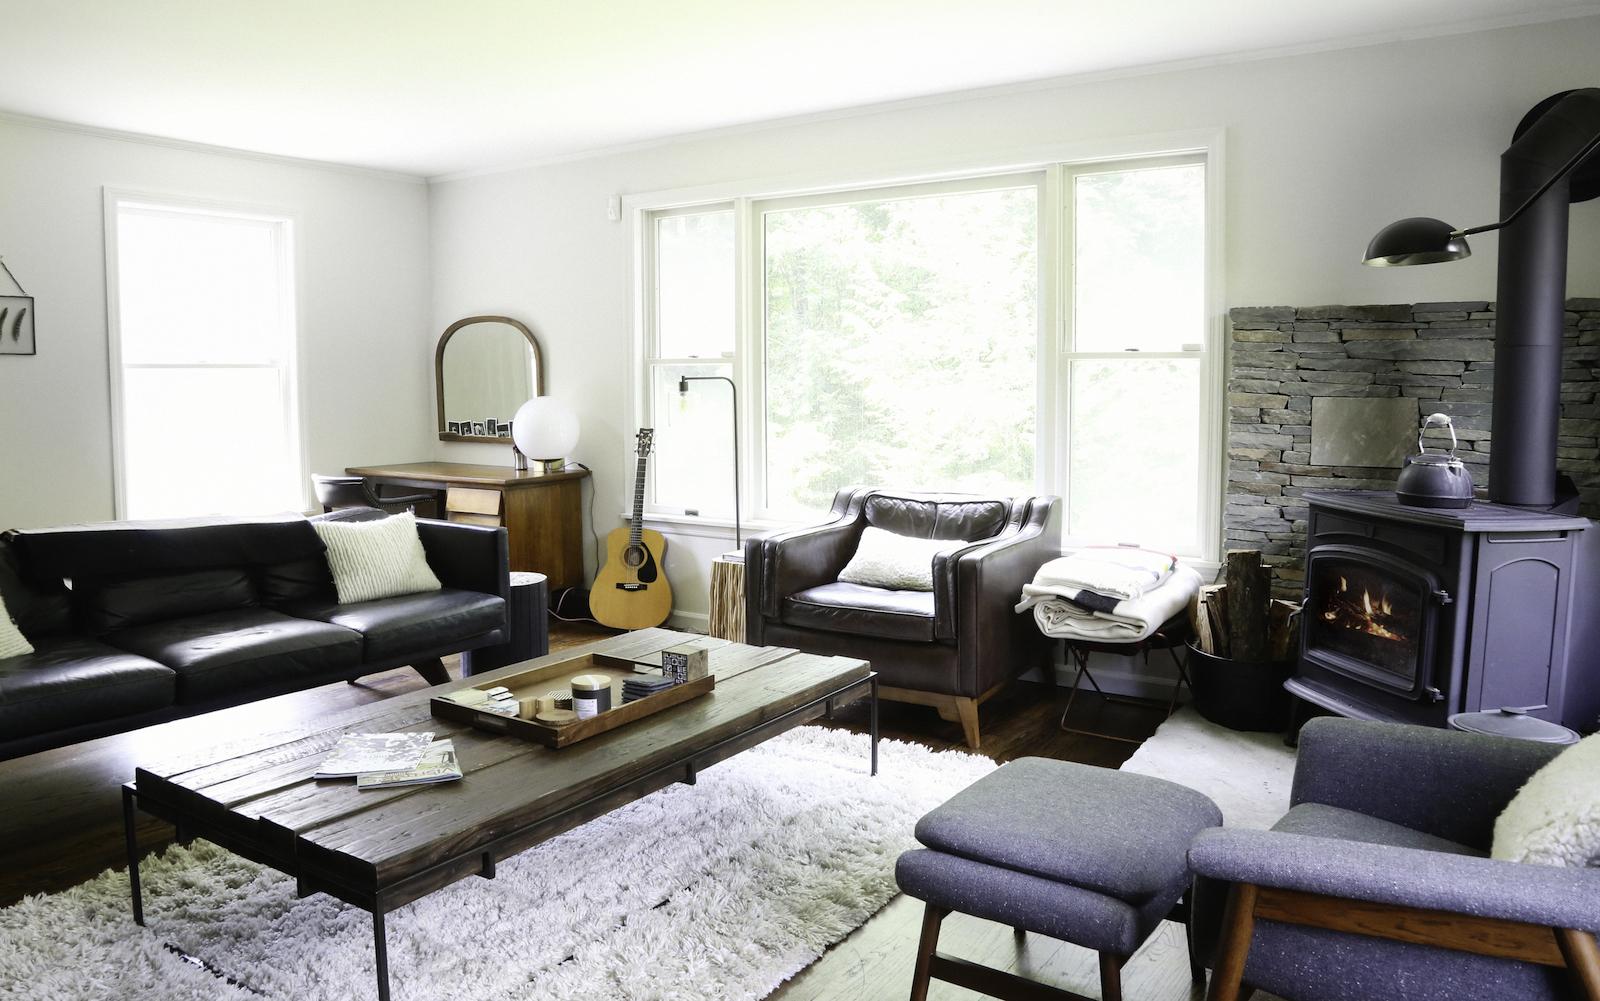 HUBERT HOUSE LIVING ROOM 1.jpg